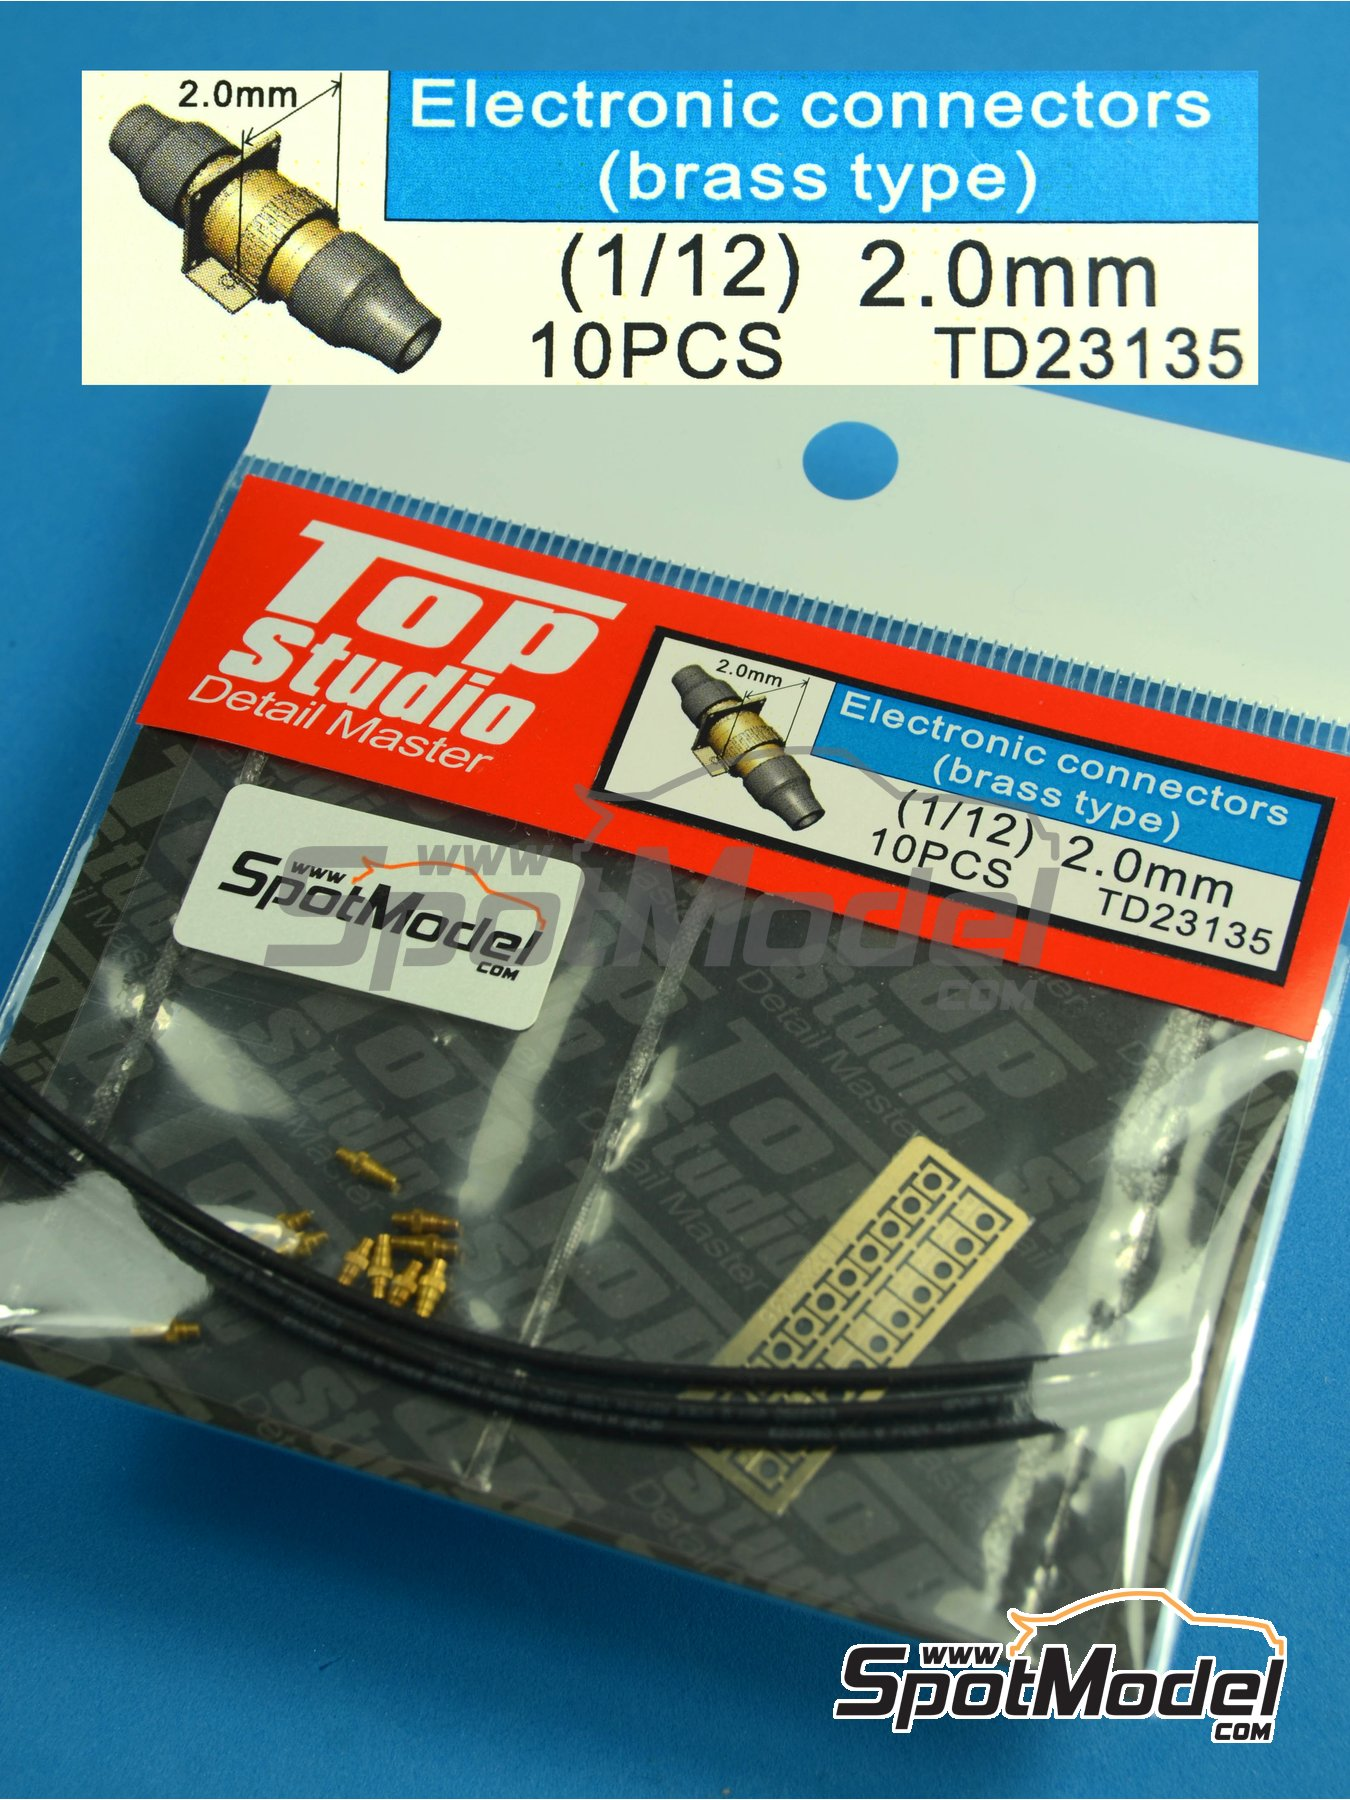 Conectores eléctricos | Detalle en escala1/12 fabricado por Top Studio (ref.TD23135) image